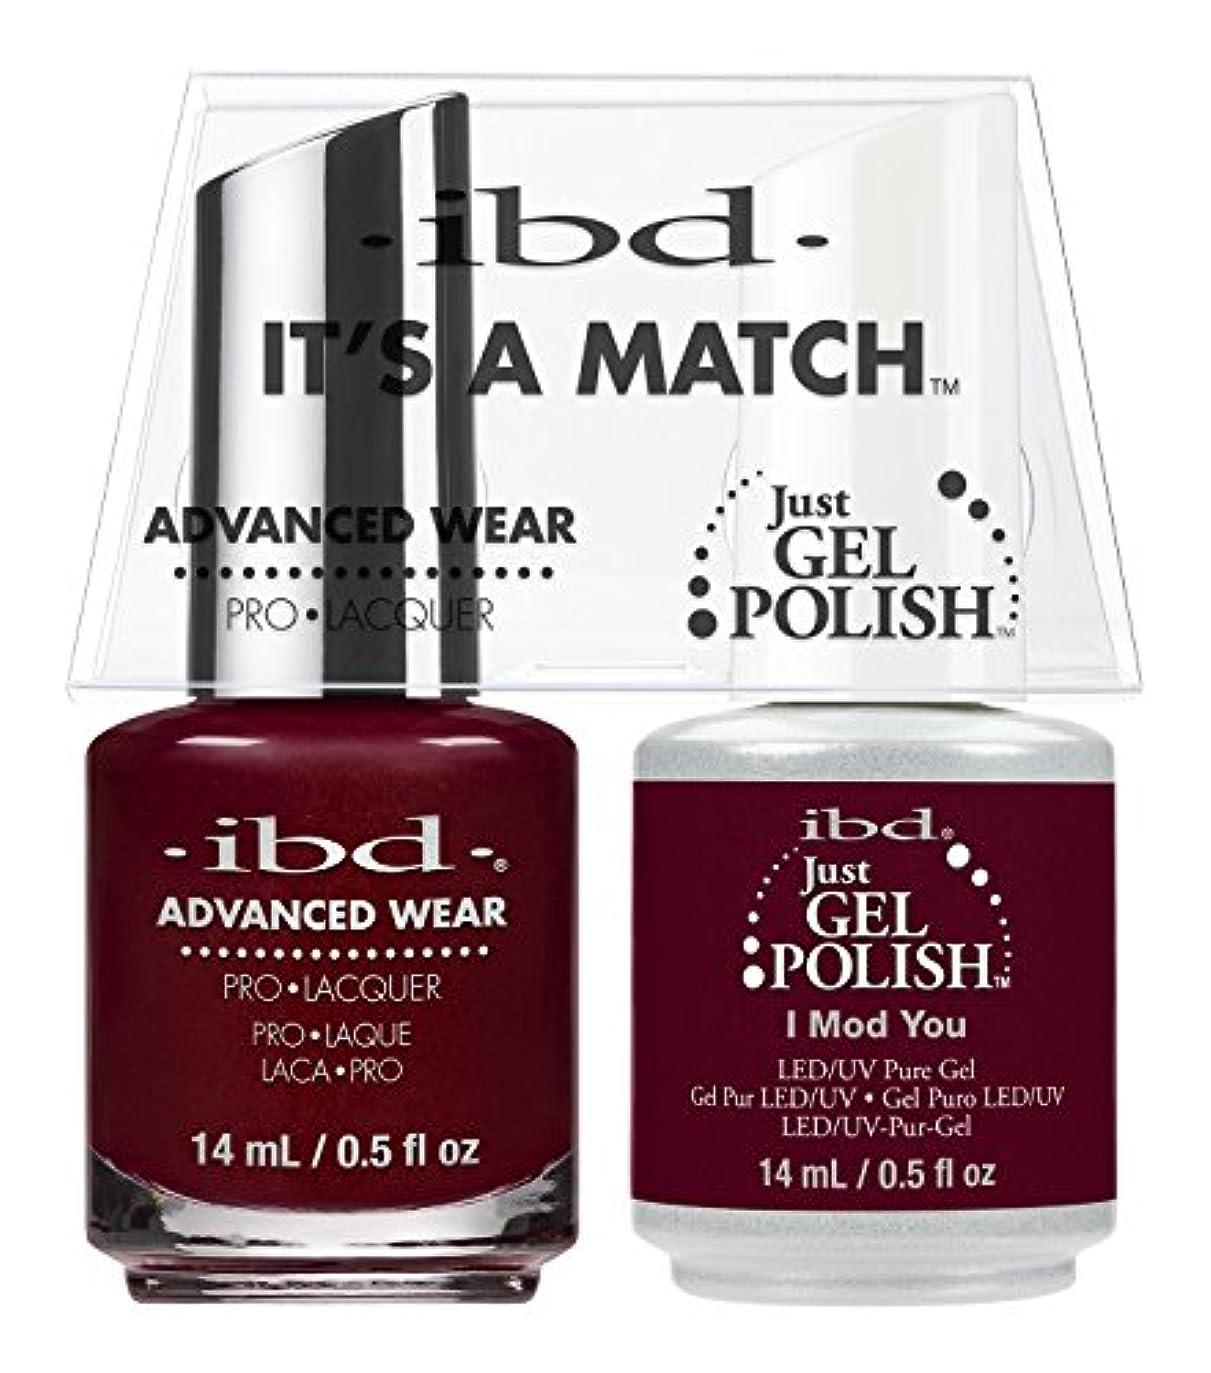 レディじゃないグッゲンハイム美術館ibd - It's A Match -Duo Pack- I Mod You - 14 mL / 0.5 oz Each